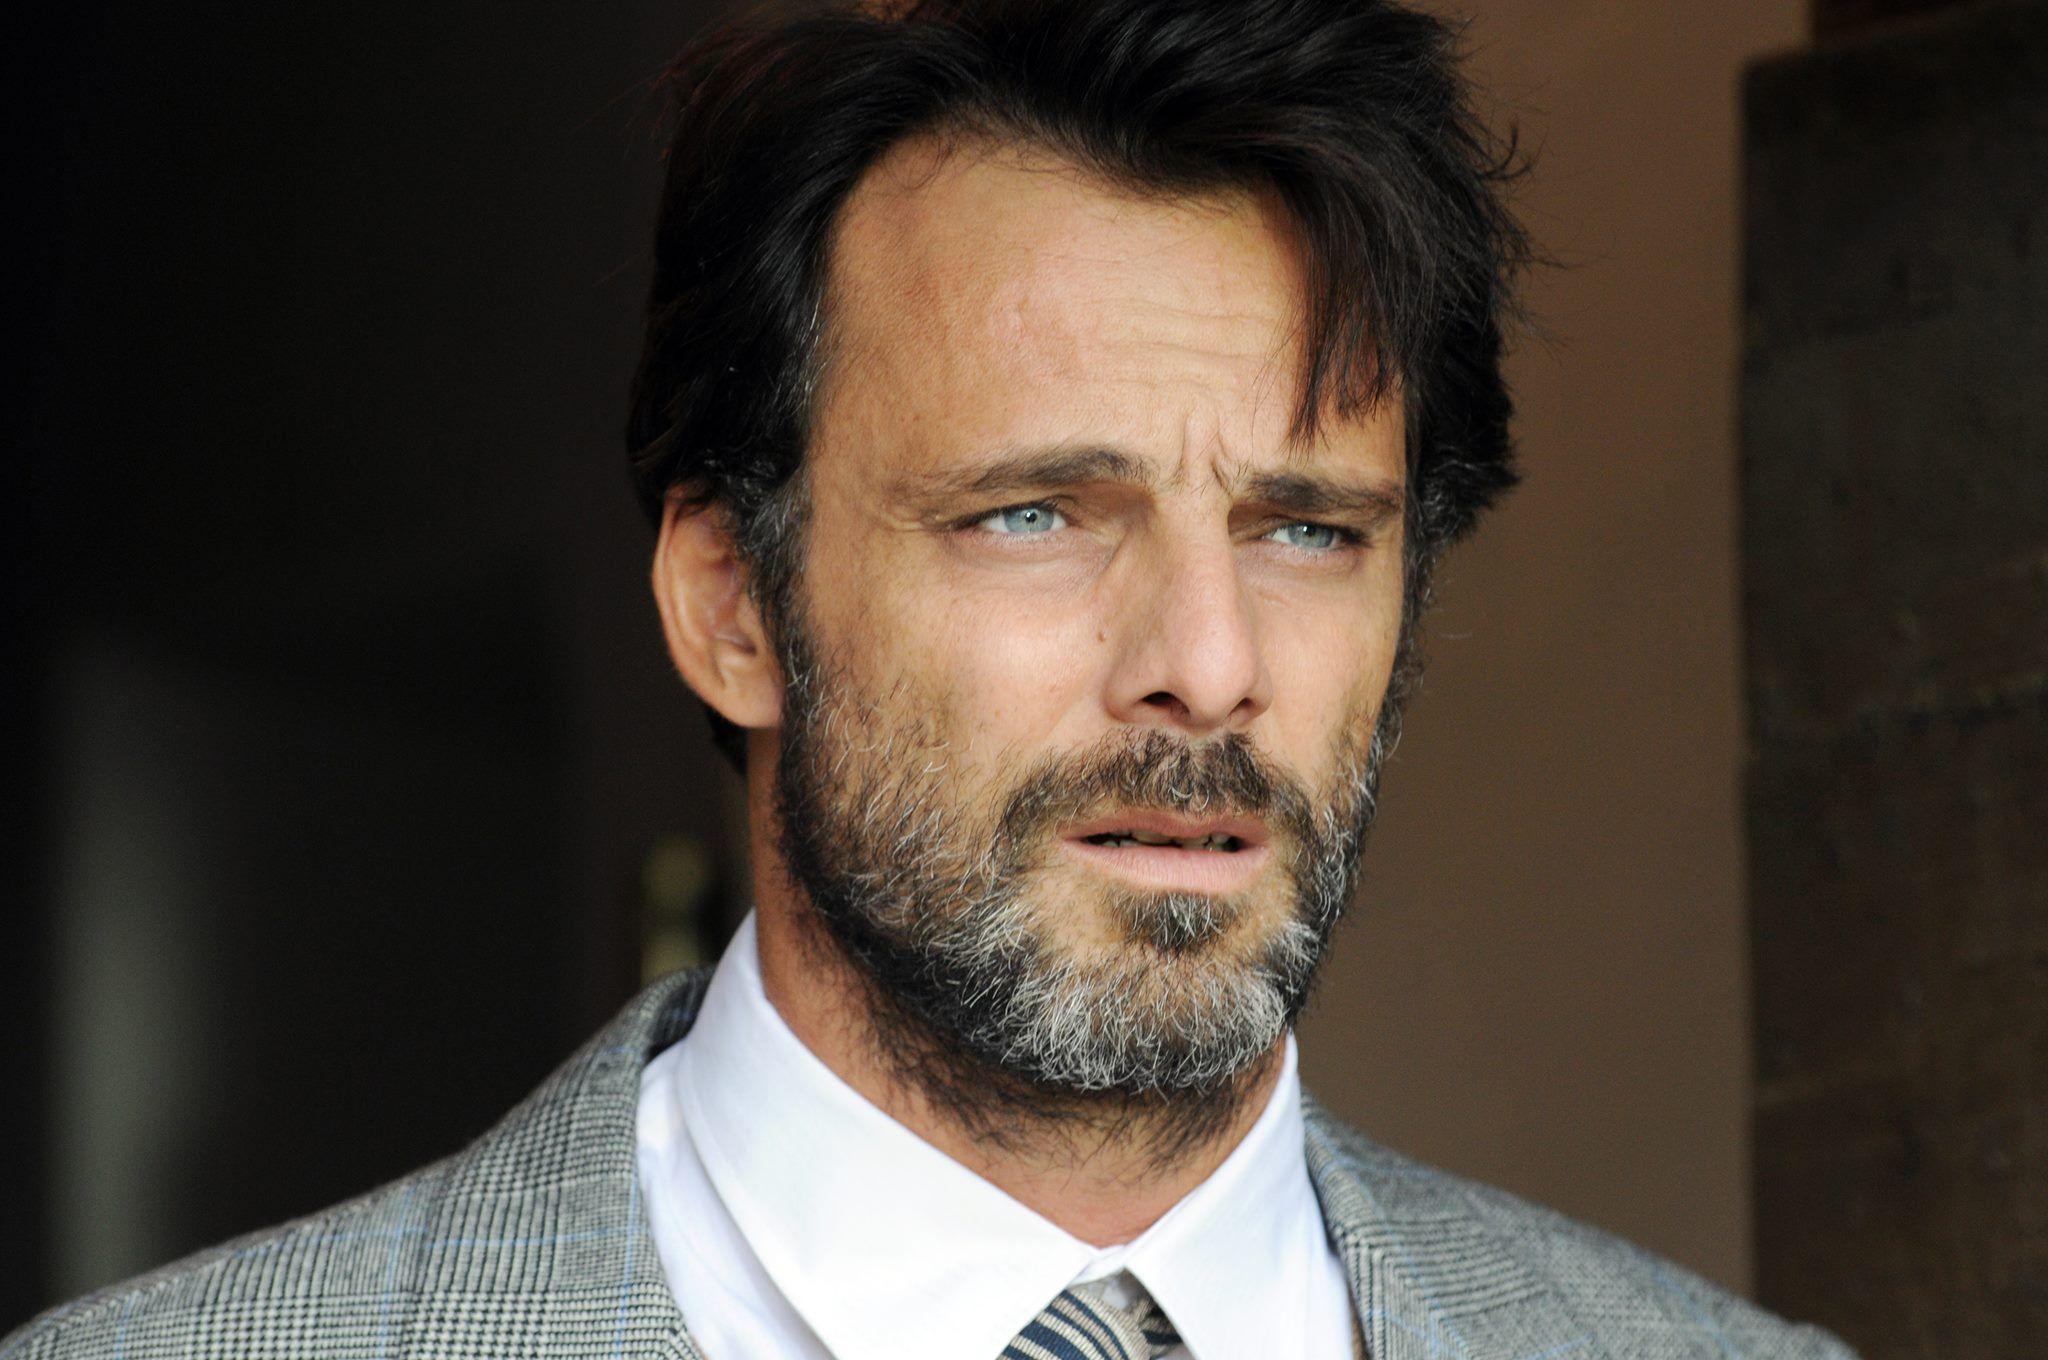 интересующим вопросам фото рейтинг красивых итальянских актеров меня вот осталось